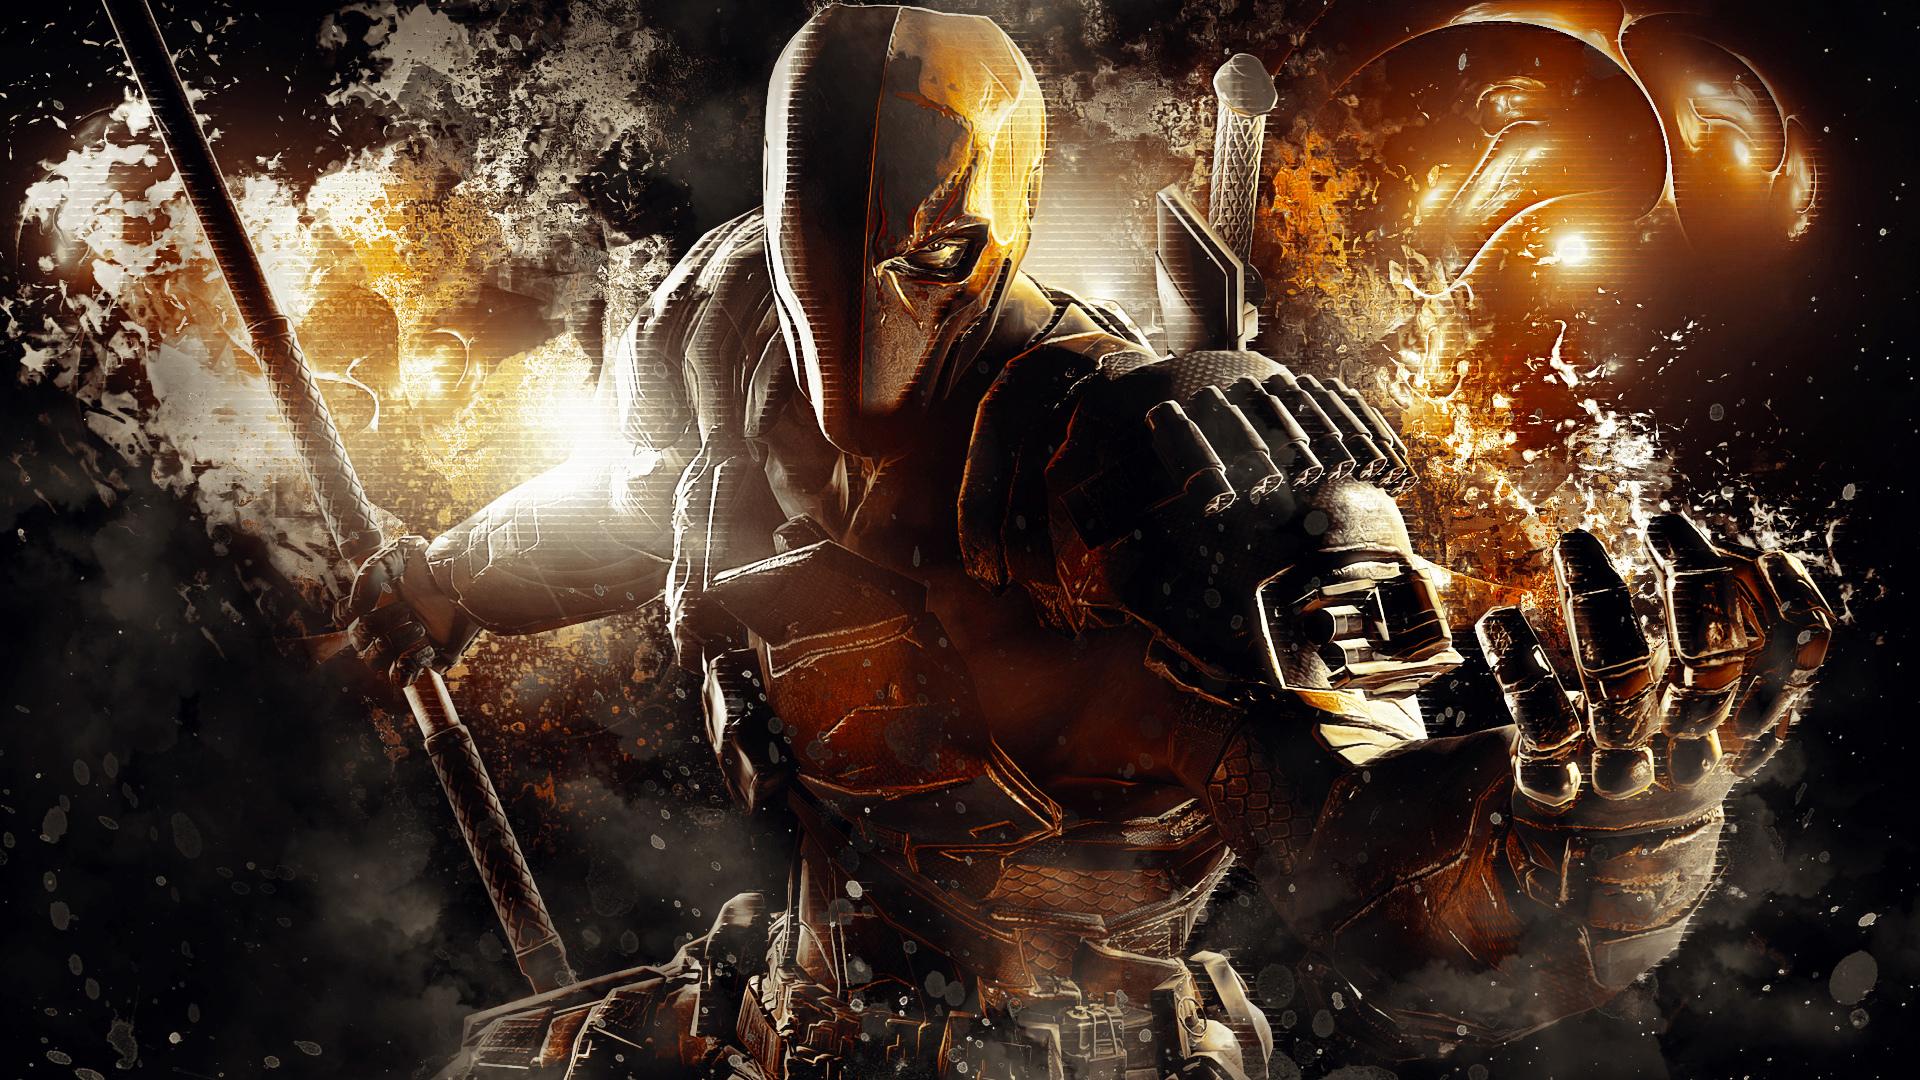 death stroke 4k 1548527398 - Death Stroke 4k - games wallpapers, fictional character wallpapers, deathstroke wallpapers